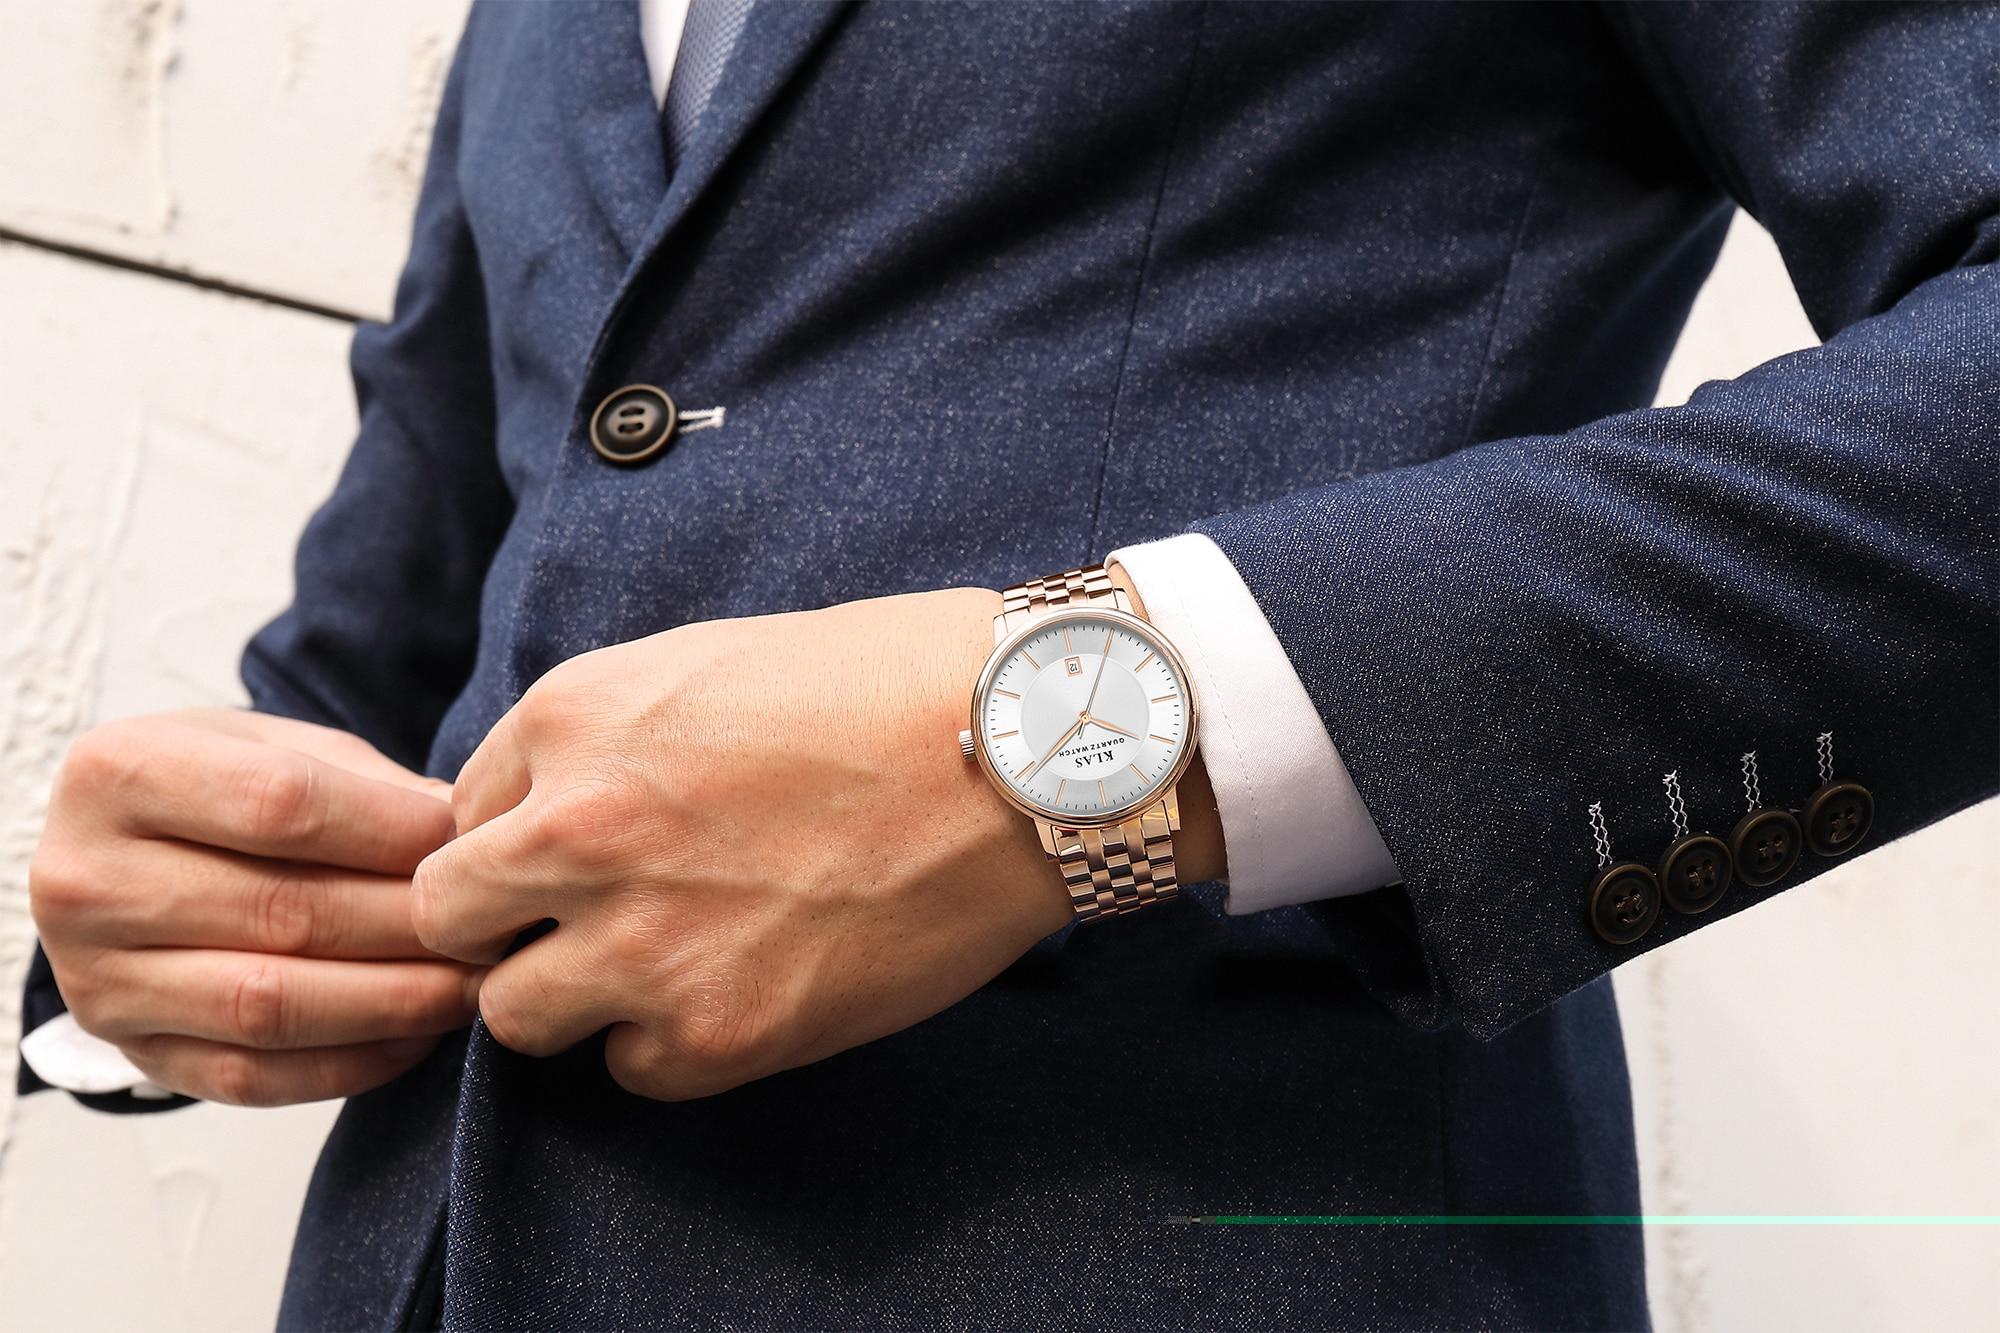 Male leisure Waterproof Watches 2021  KLAS Brand enlarge